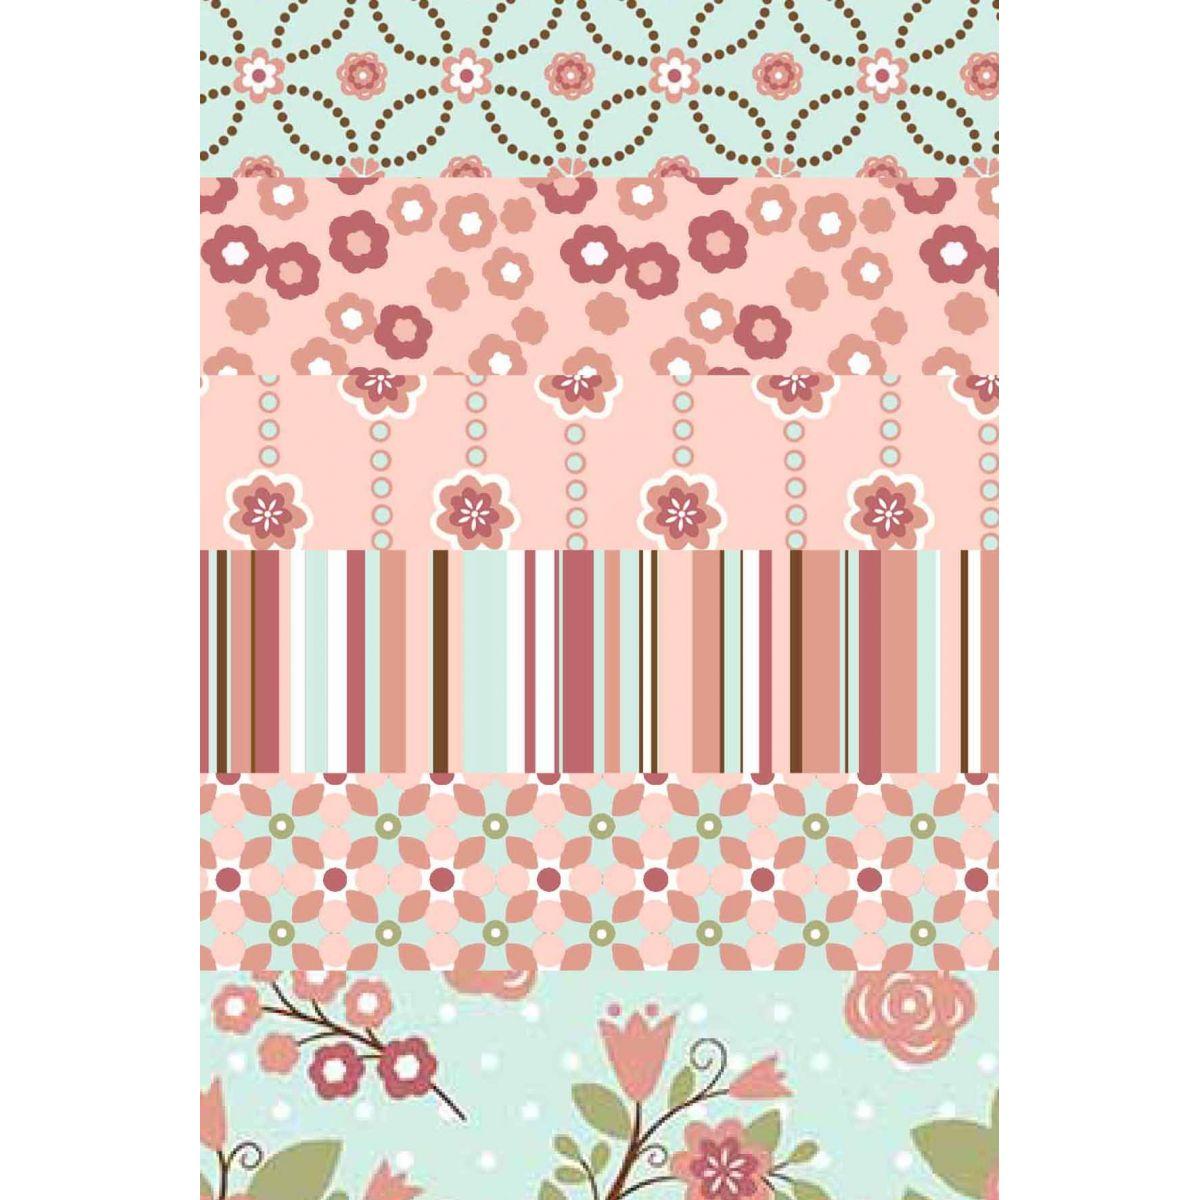 Kit Coleção Floral Chic  - Tecidos Digitais